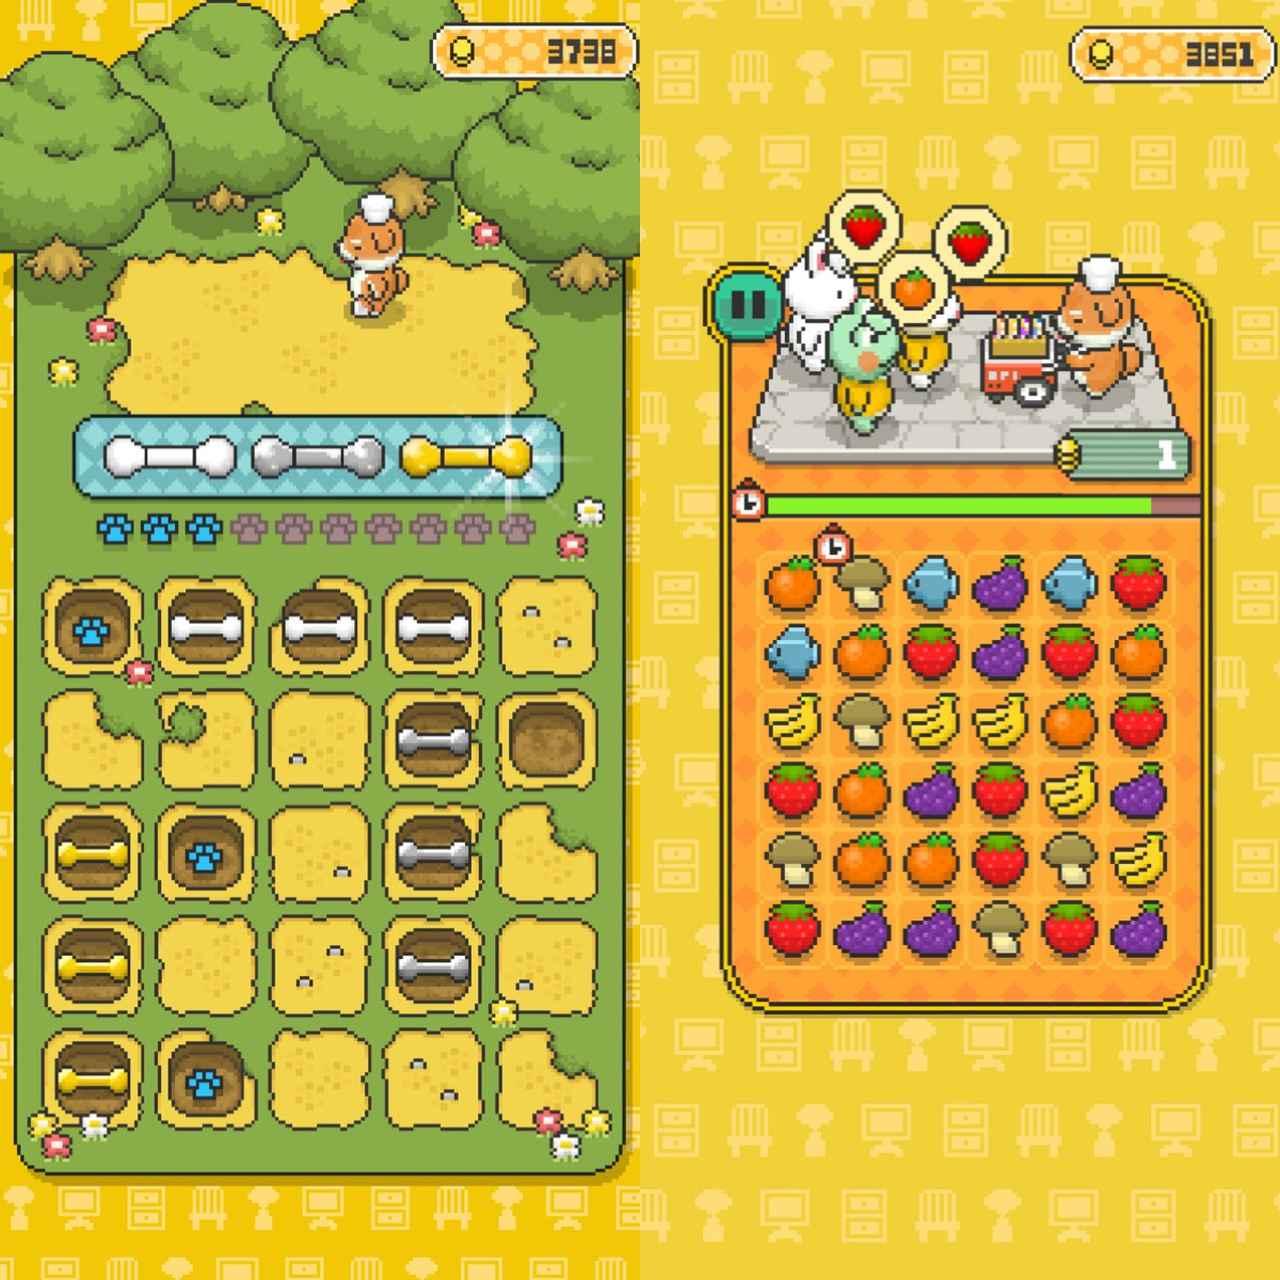 画像1: 骨やコインはゲームで大量GETが効率的!